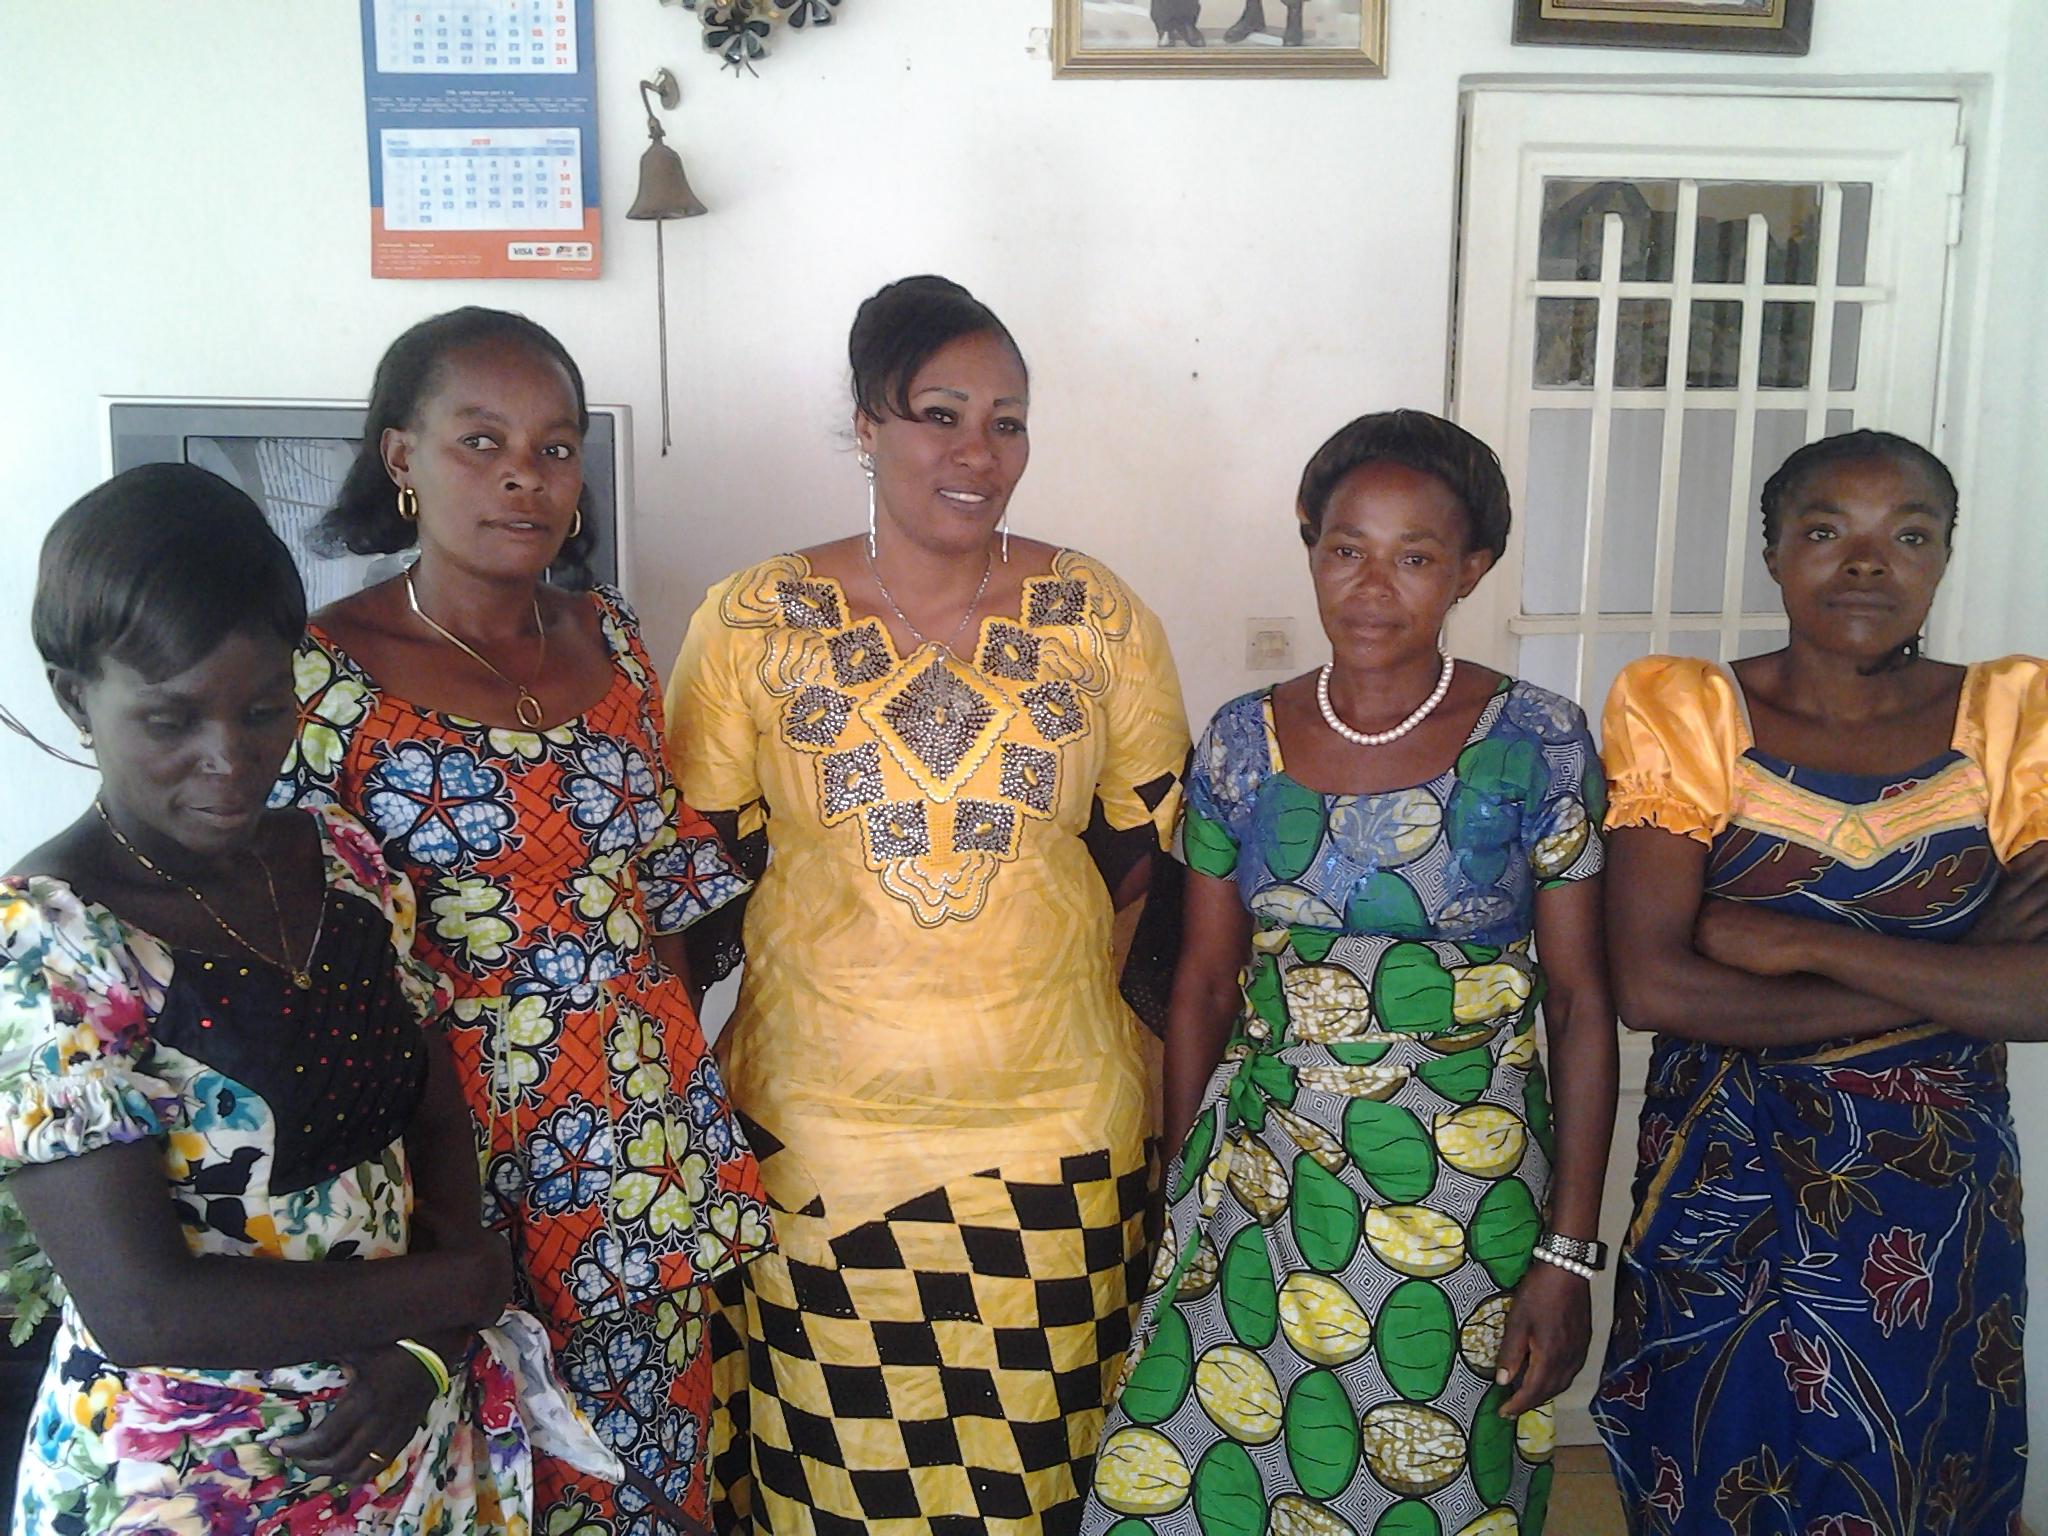 Restauration des bananeraies d'Idjwi (île du lac Kivu en RDC)